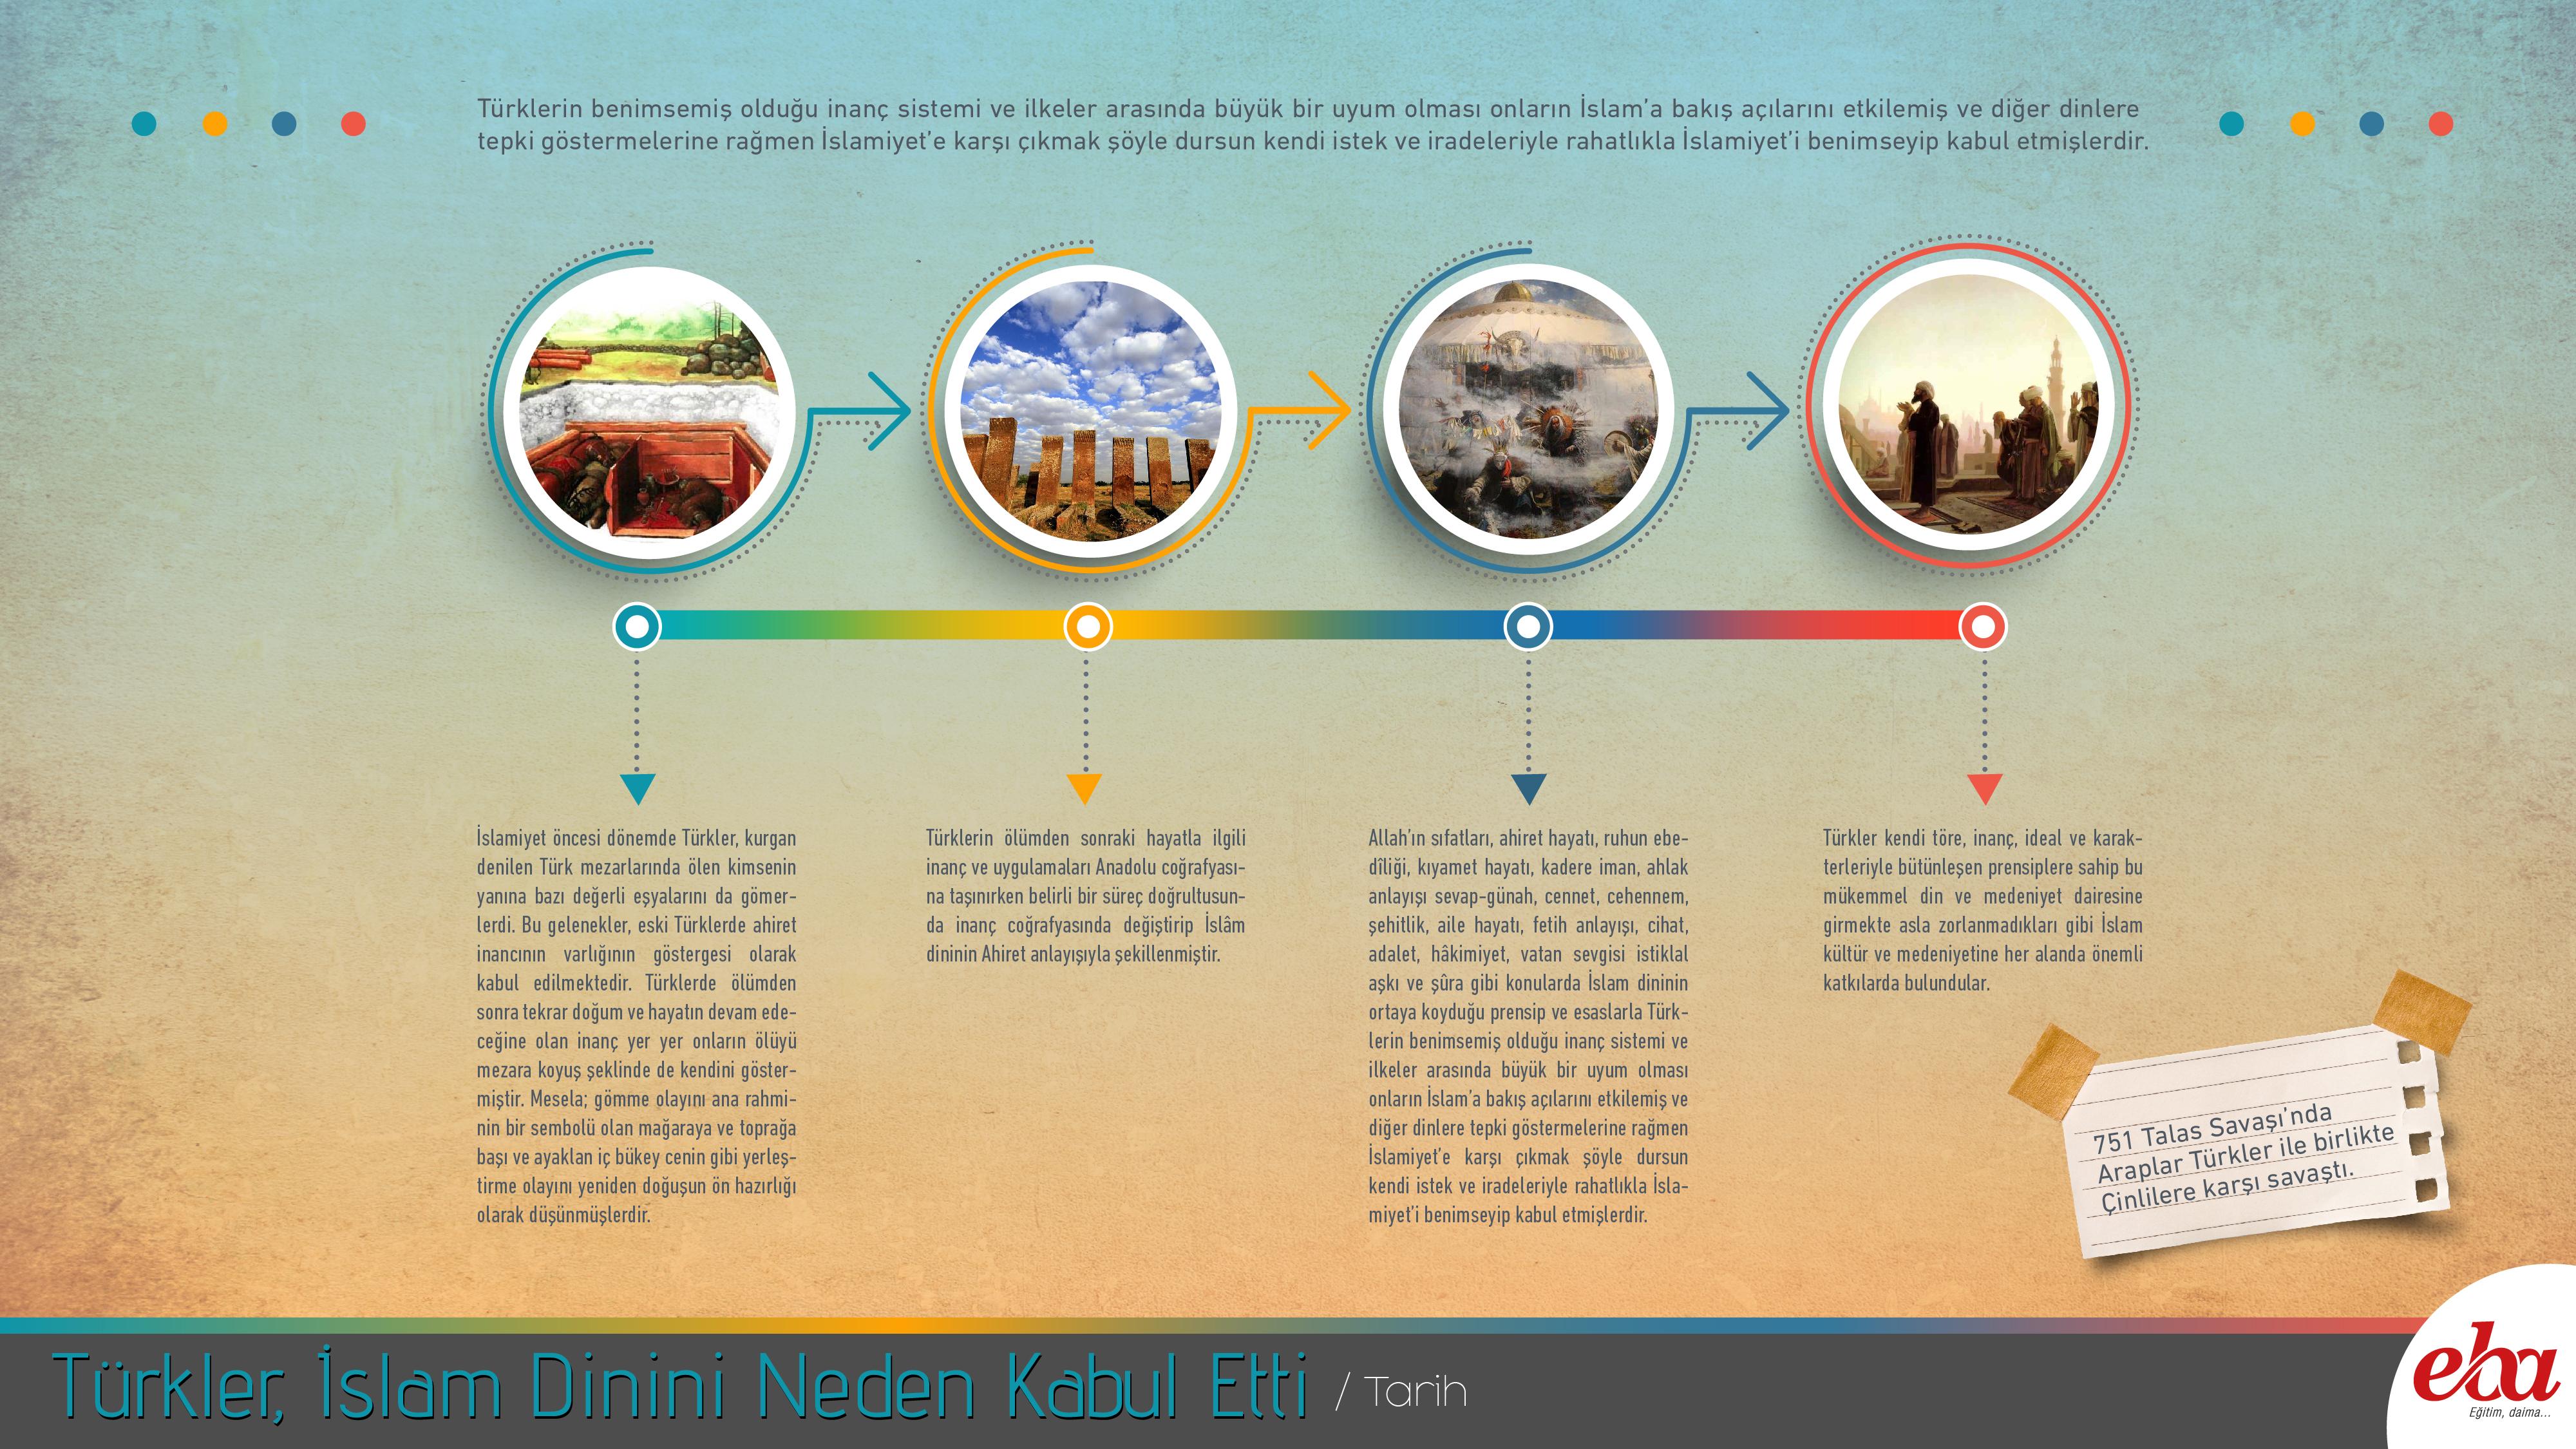 EBA turkler-islam-dini-neden-kabul-etti.jpg